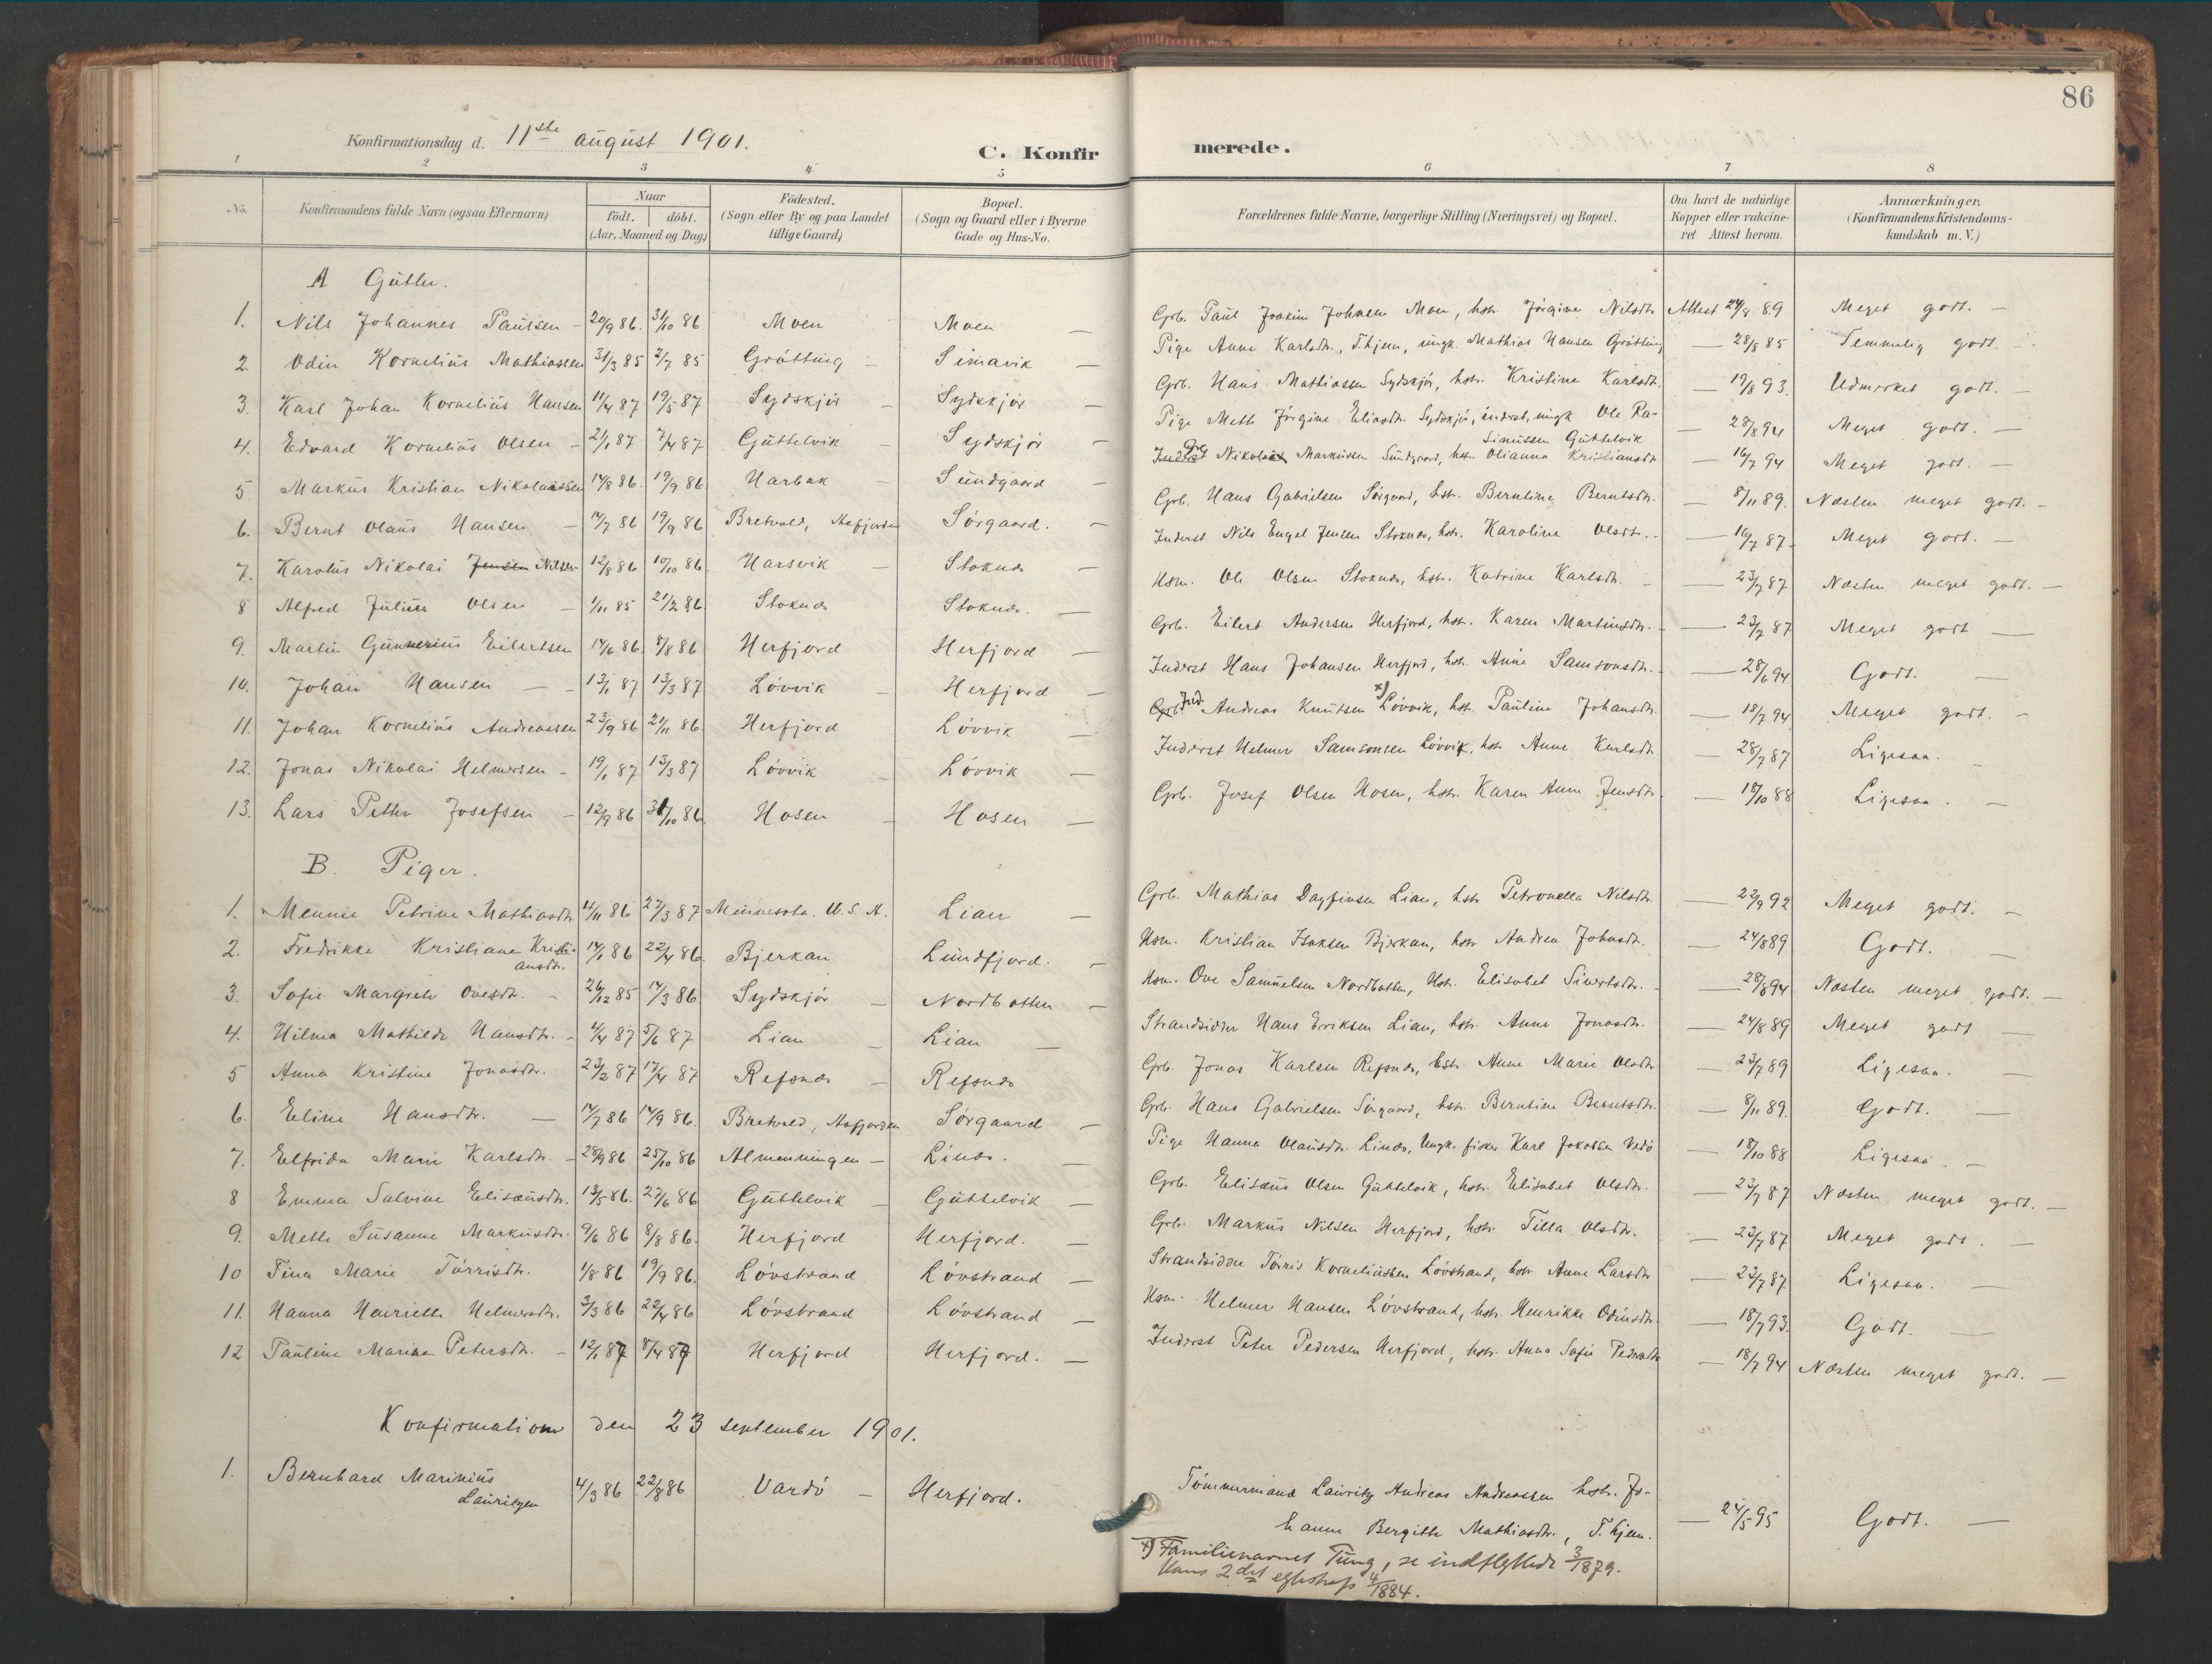 SAT, Ministerialprotokoller, klokkerbøker og fødselsregistre - Sør-Trøndelag, 656/L0693: Ministerialbok nr. 656A02, 1894-1913, s. 86